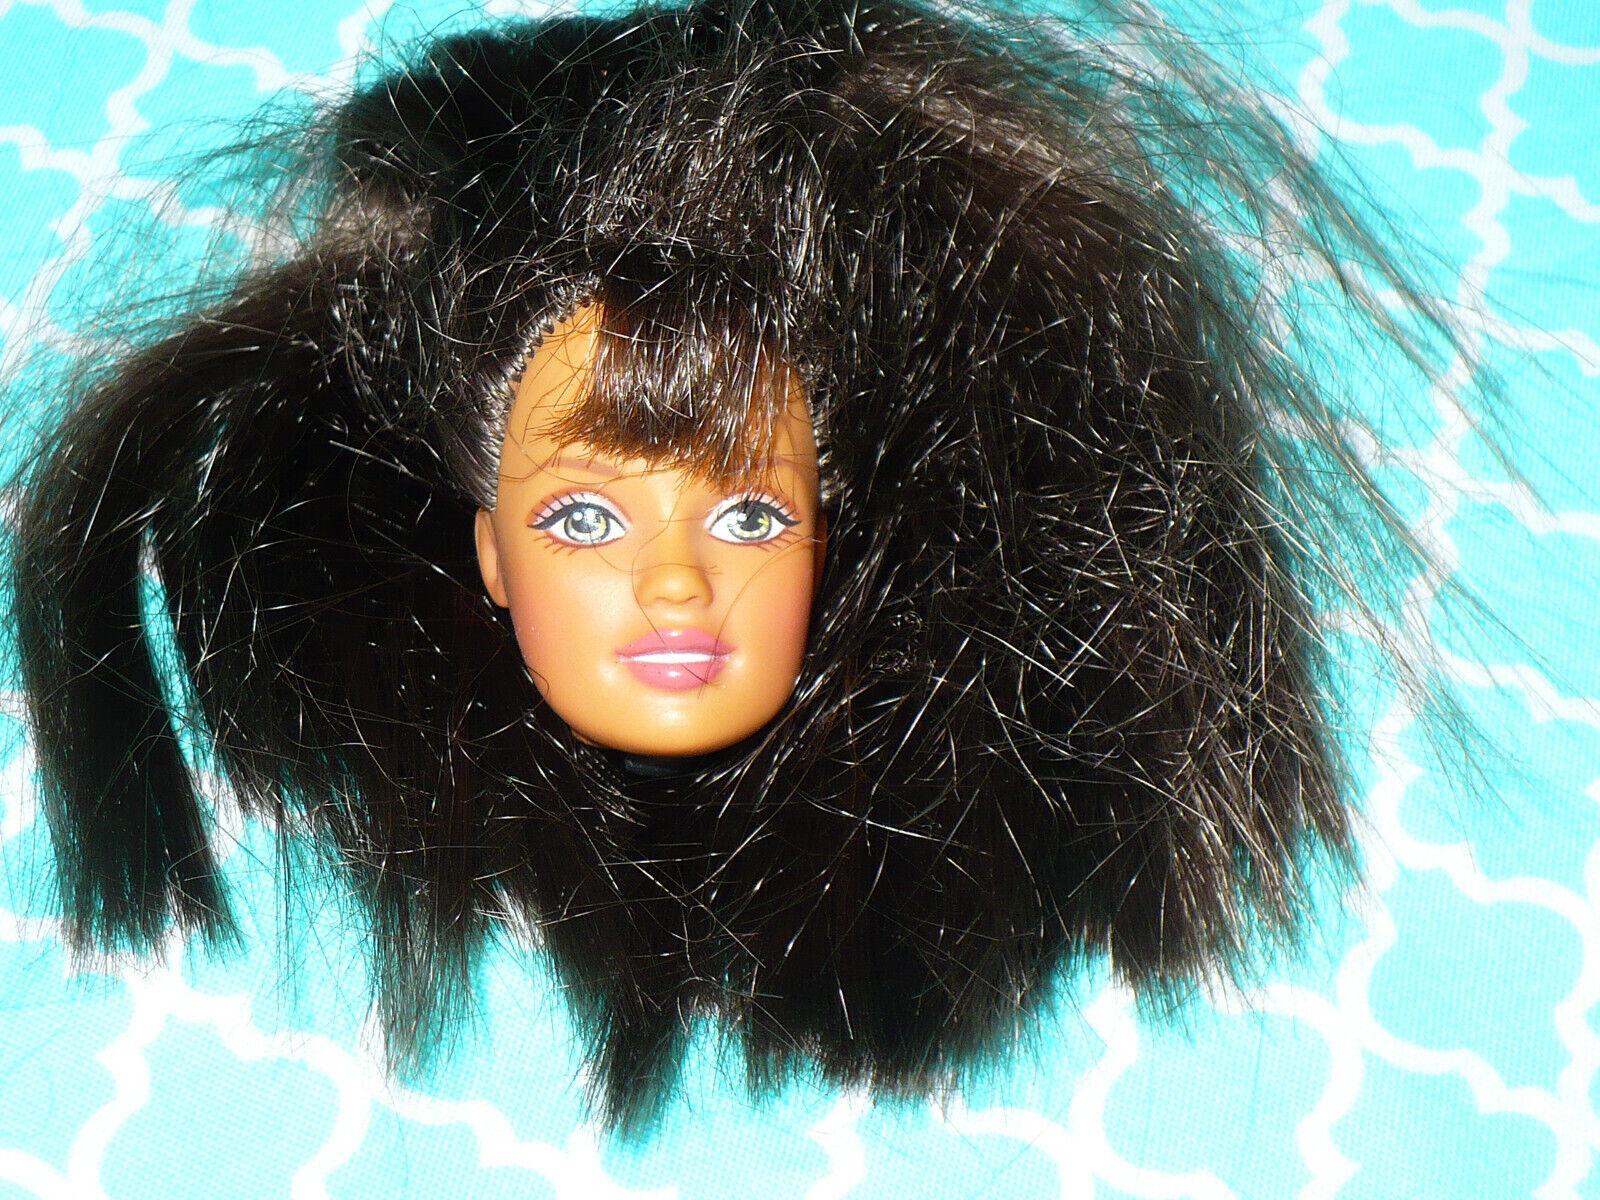 Mattel Barbie Doll TERESA HEAD ONLY BROWN HAIR For OOAK Or Custom - $7.99